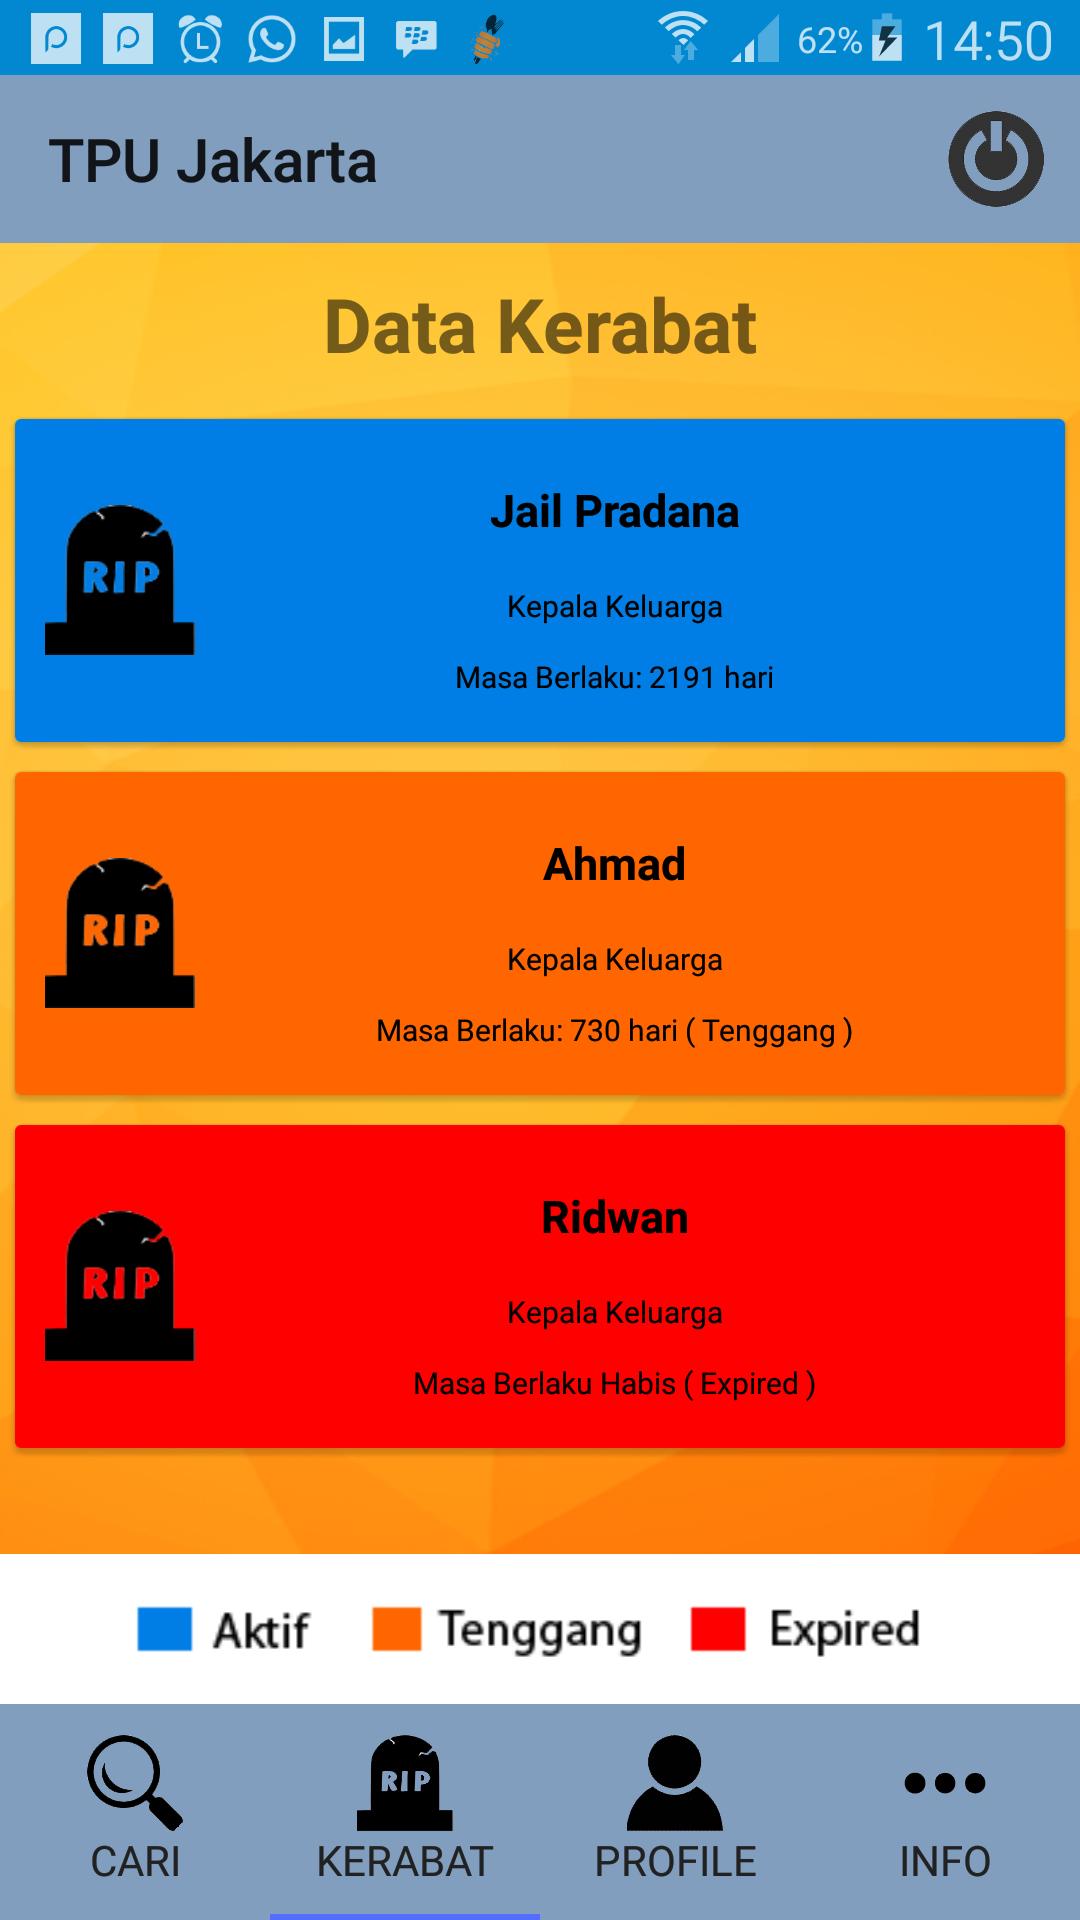 TPU Jakarta